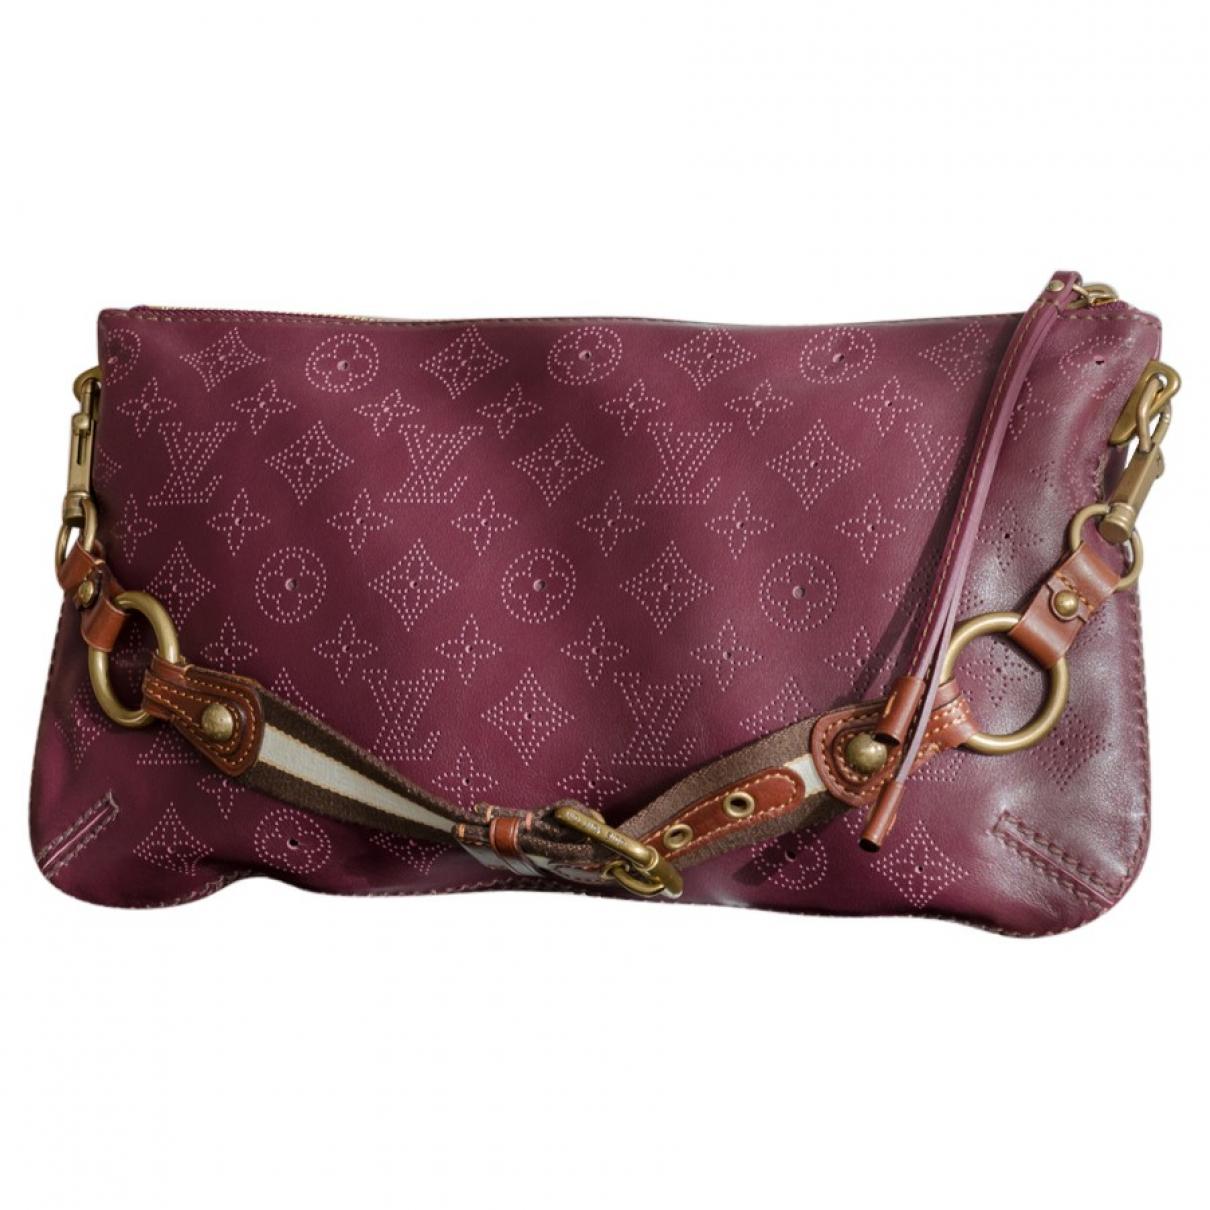 Louis Vuitton - Sac a main Mahina pour femme en cuir